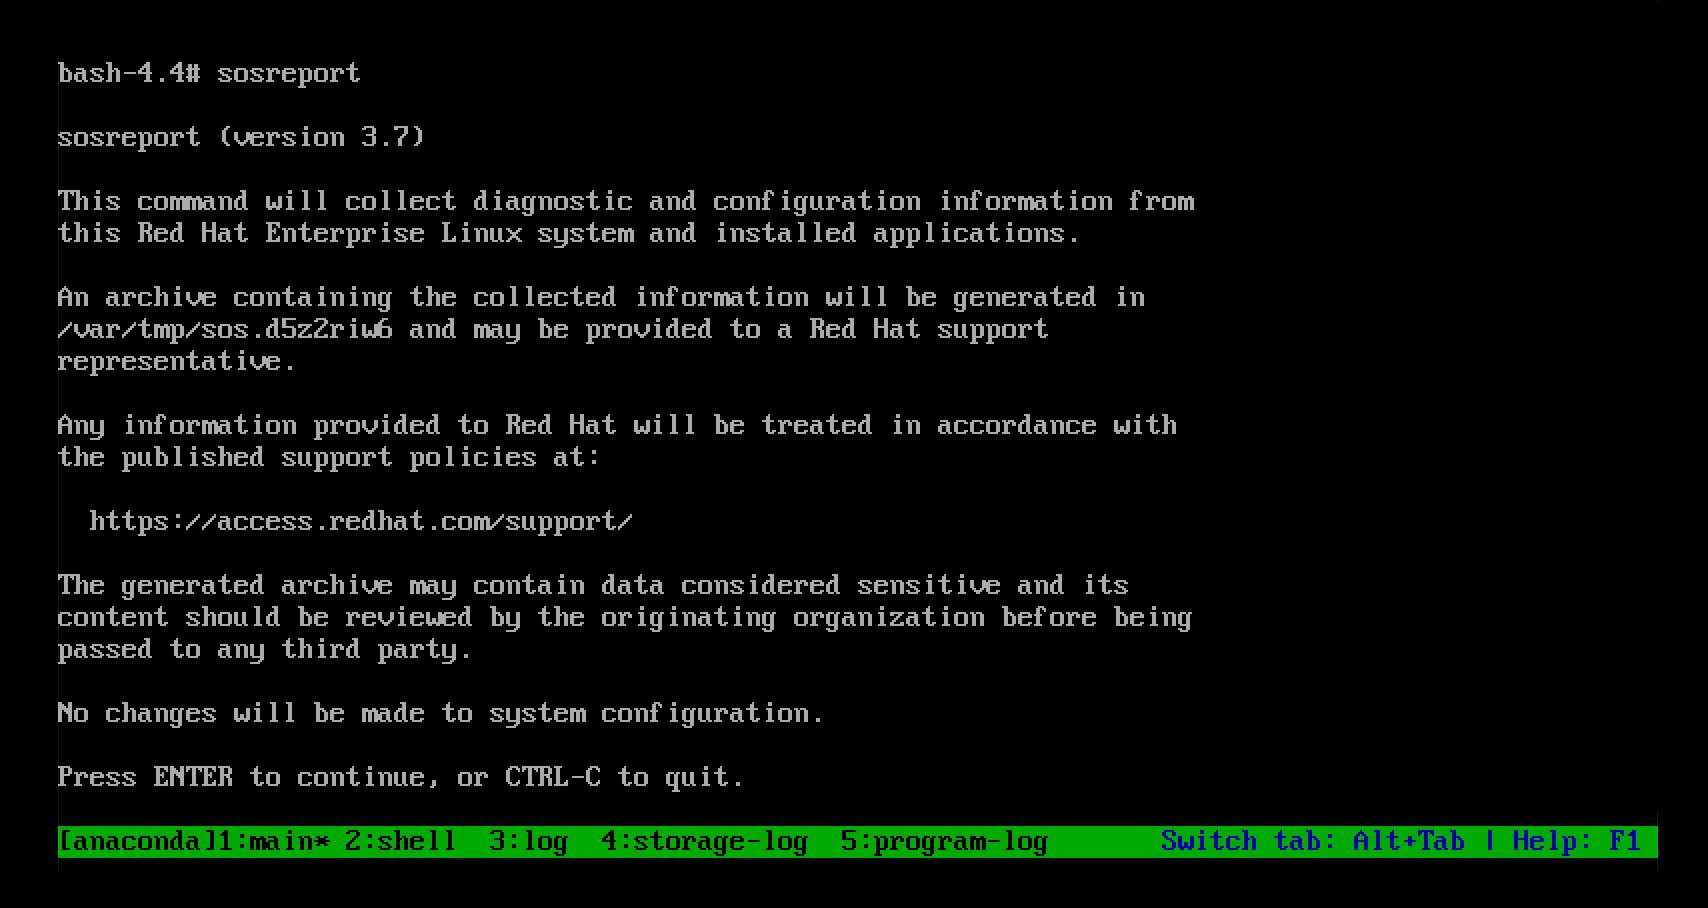 Enter キーを押して sosreport の実行を継続するように求めらる sosreport ユーティリティーのスクリーンショット